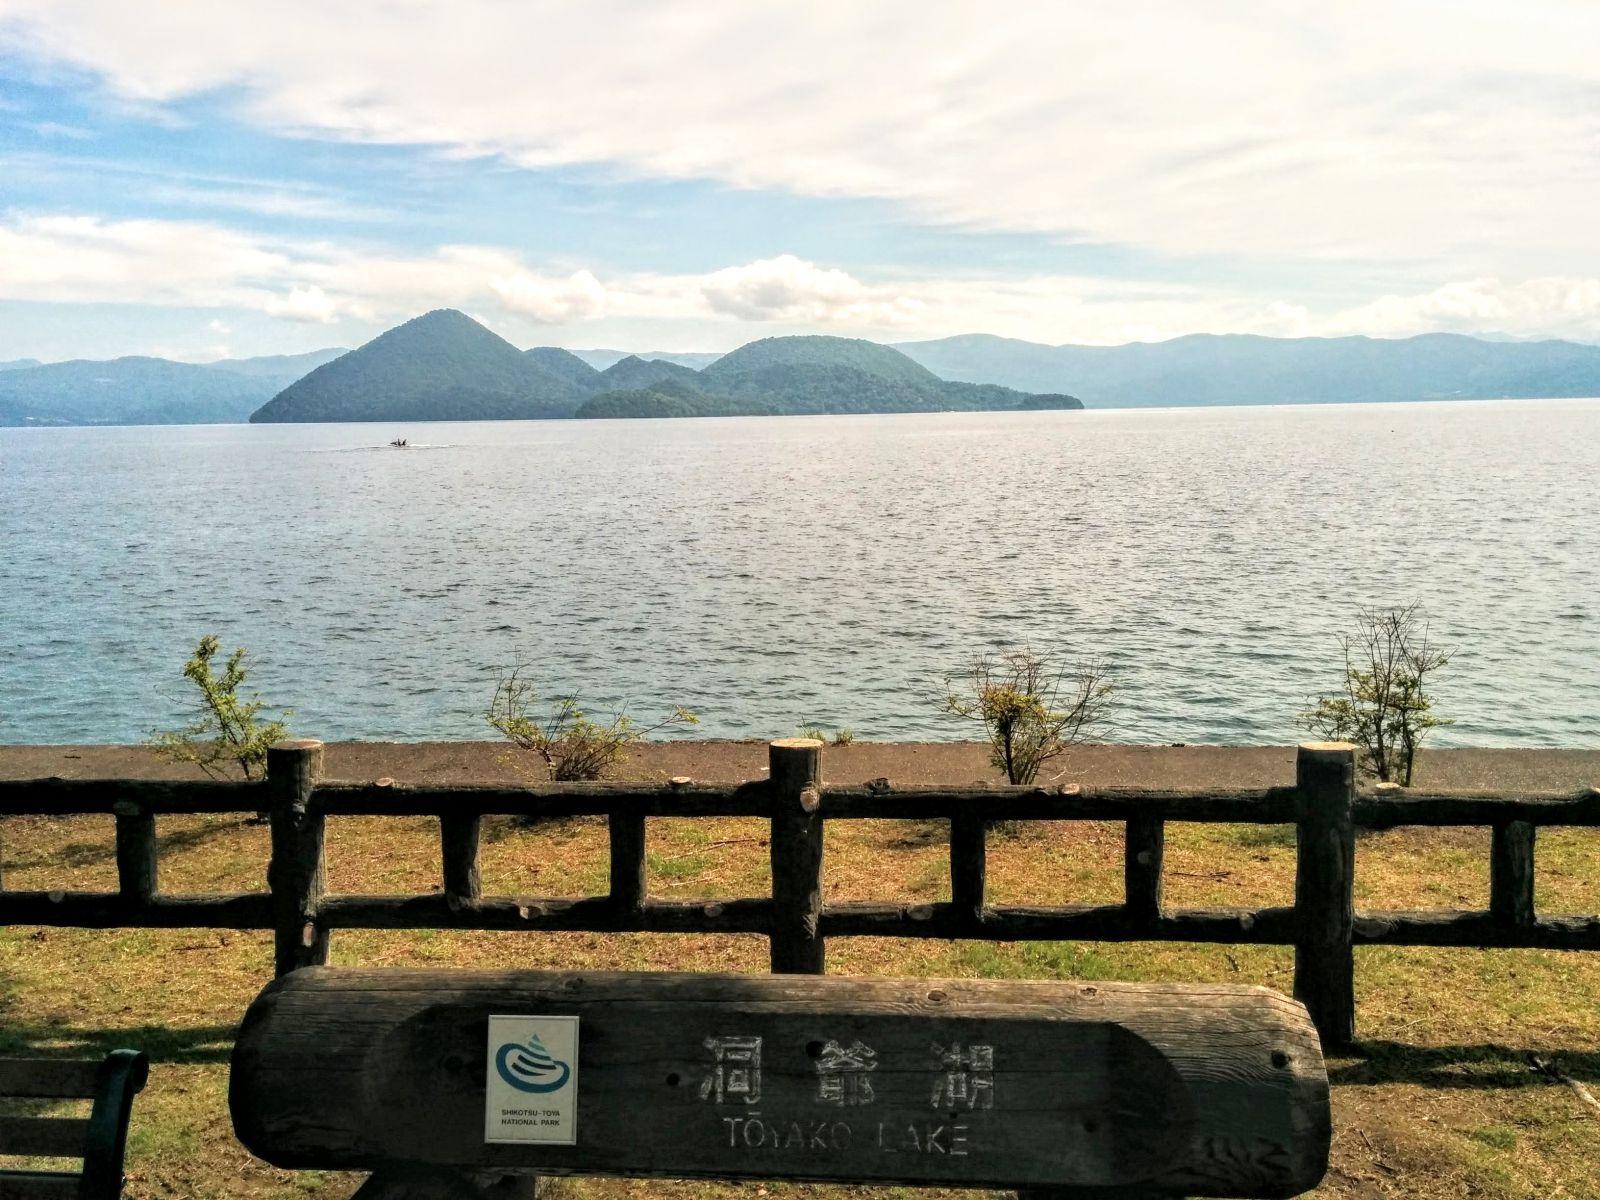 洞爺湖温泉送迎観光タクシーの洞爺湖周辺観光案内です。